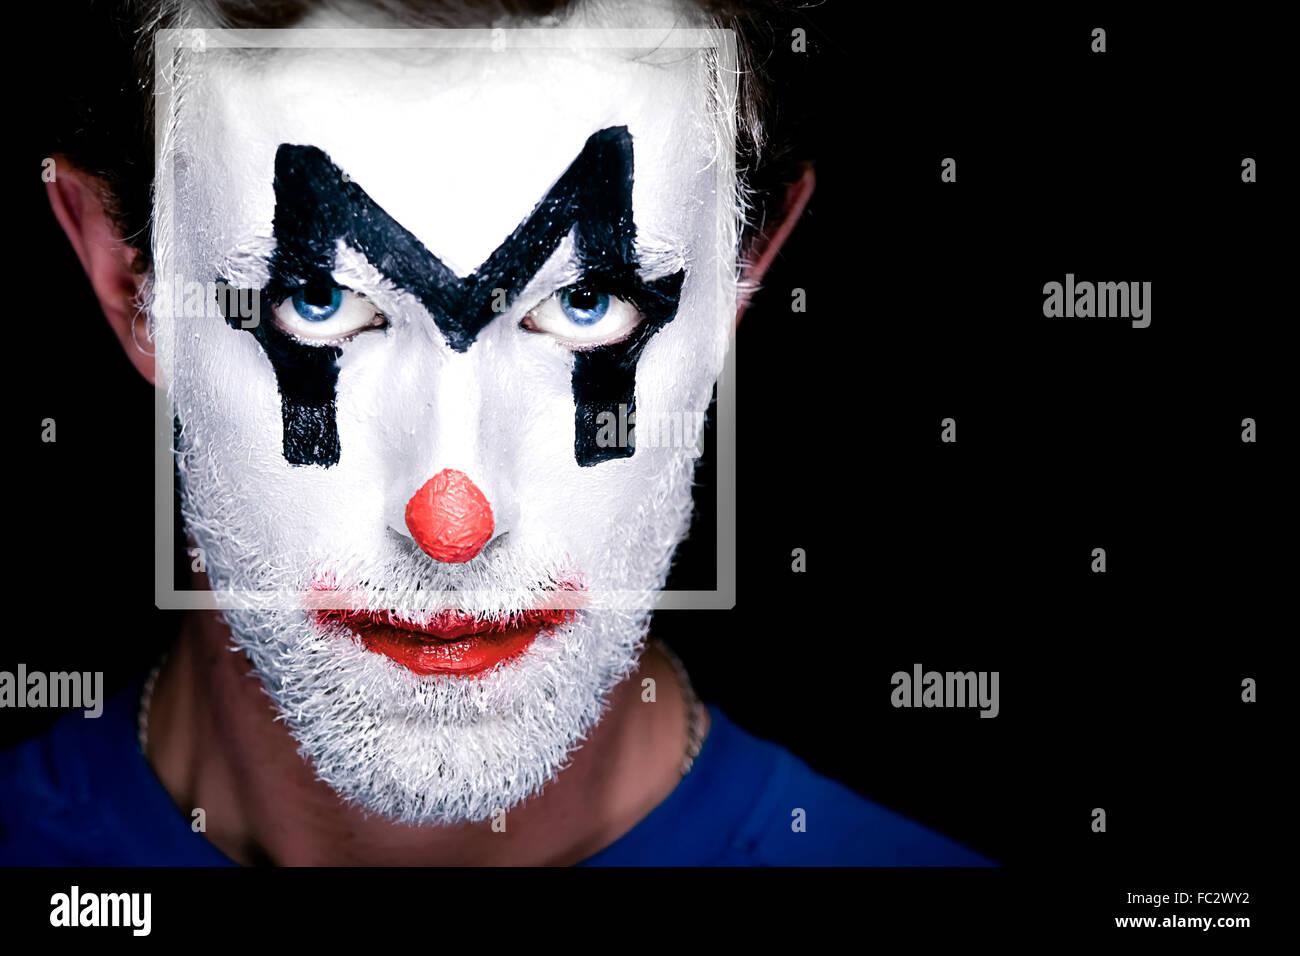 Ein Mann mit Clown Make-up im Gesicht Stockfoto